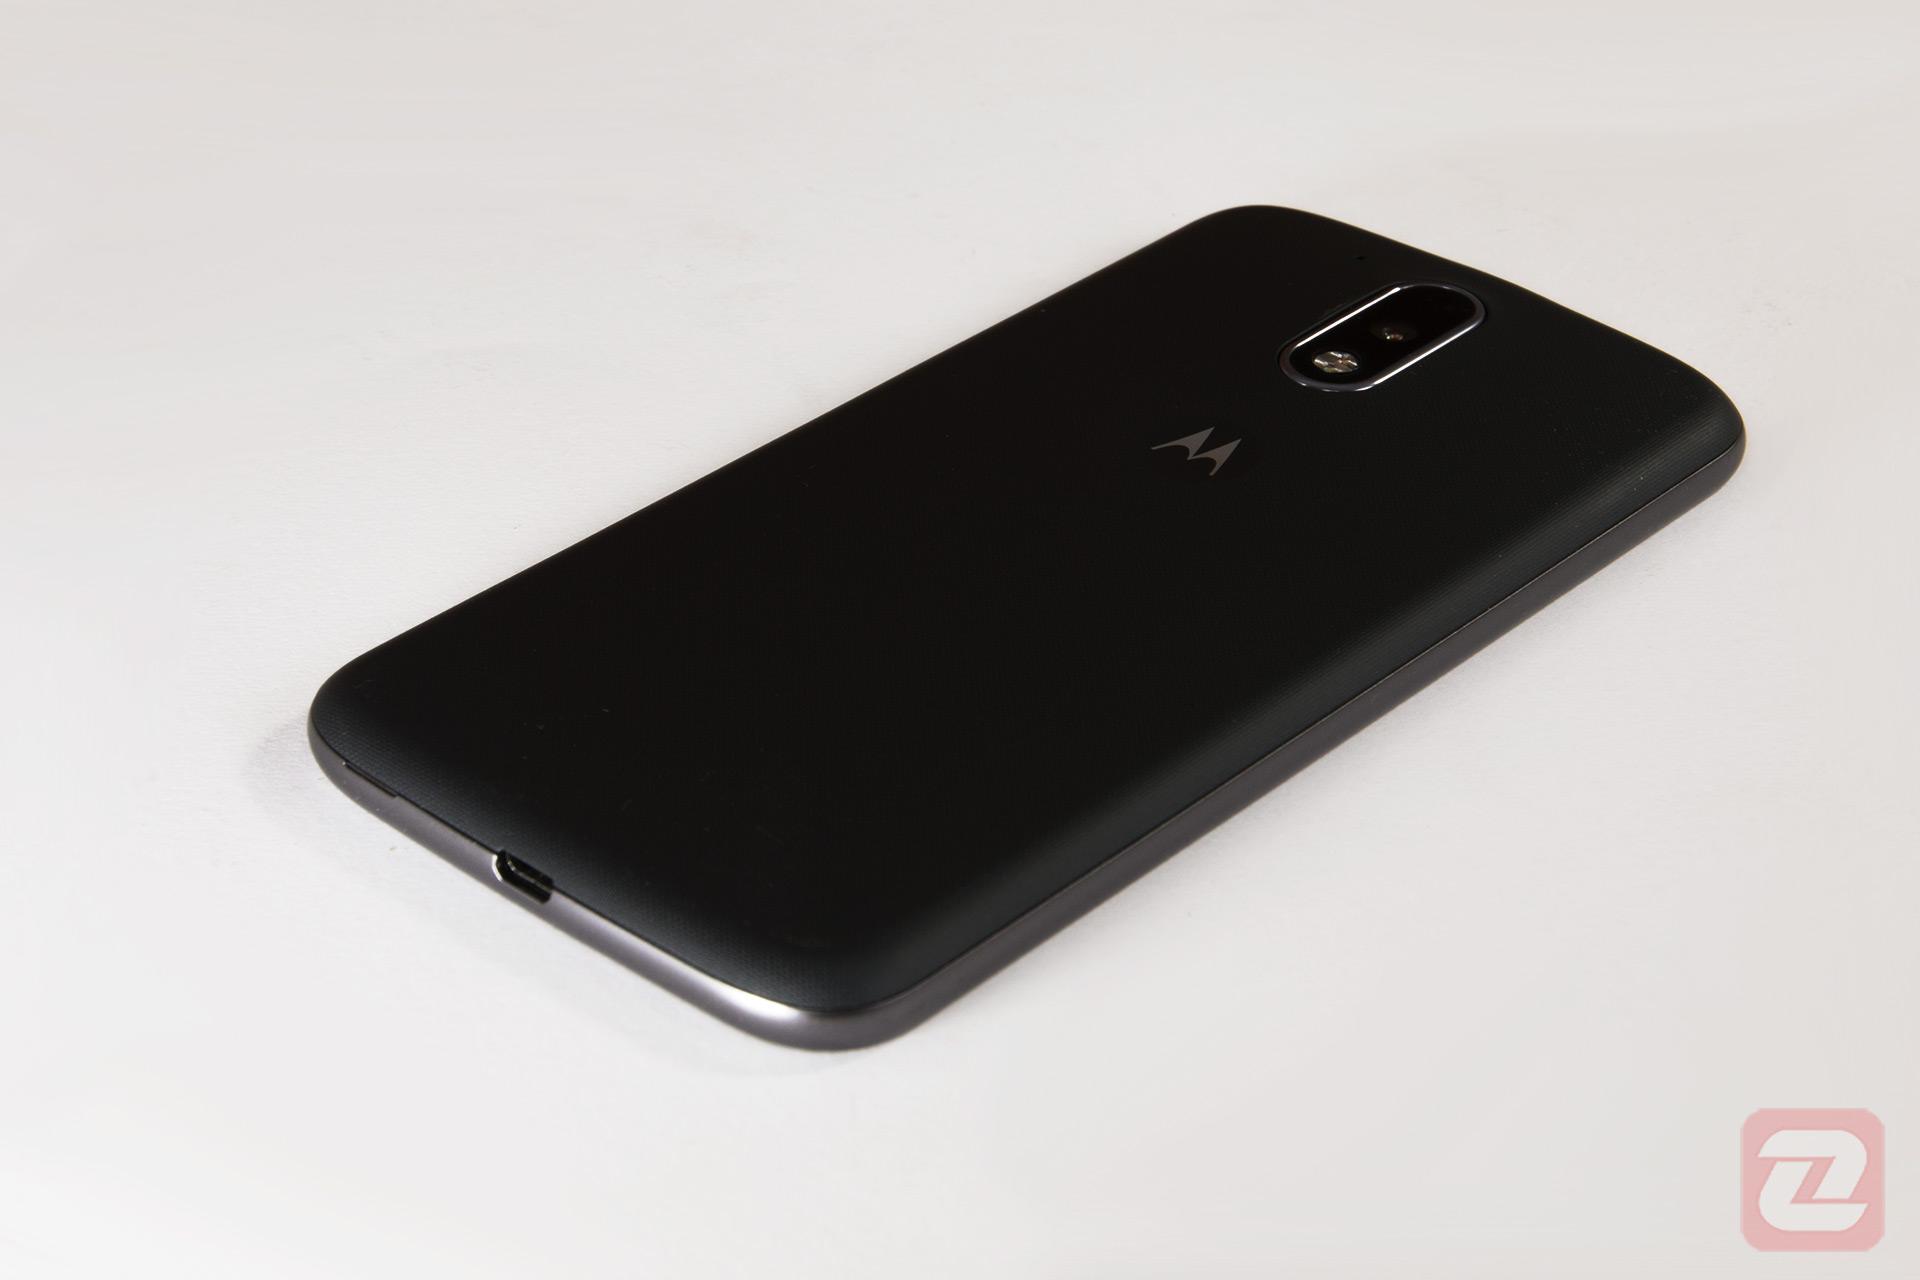 Moto G4 Plus Design